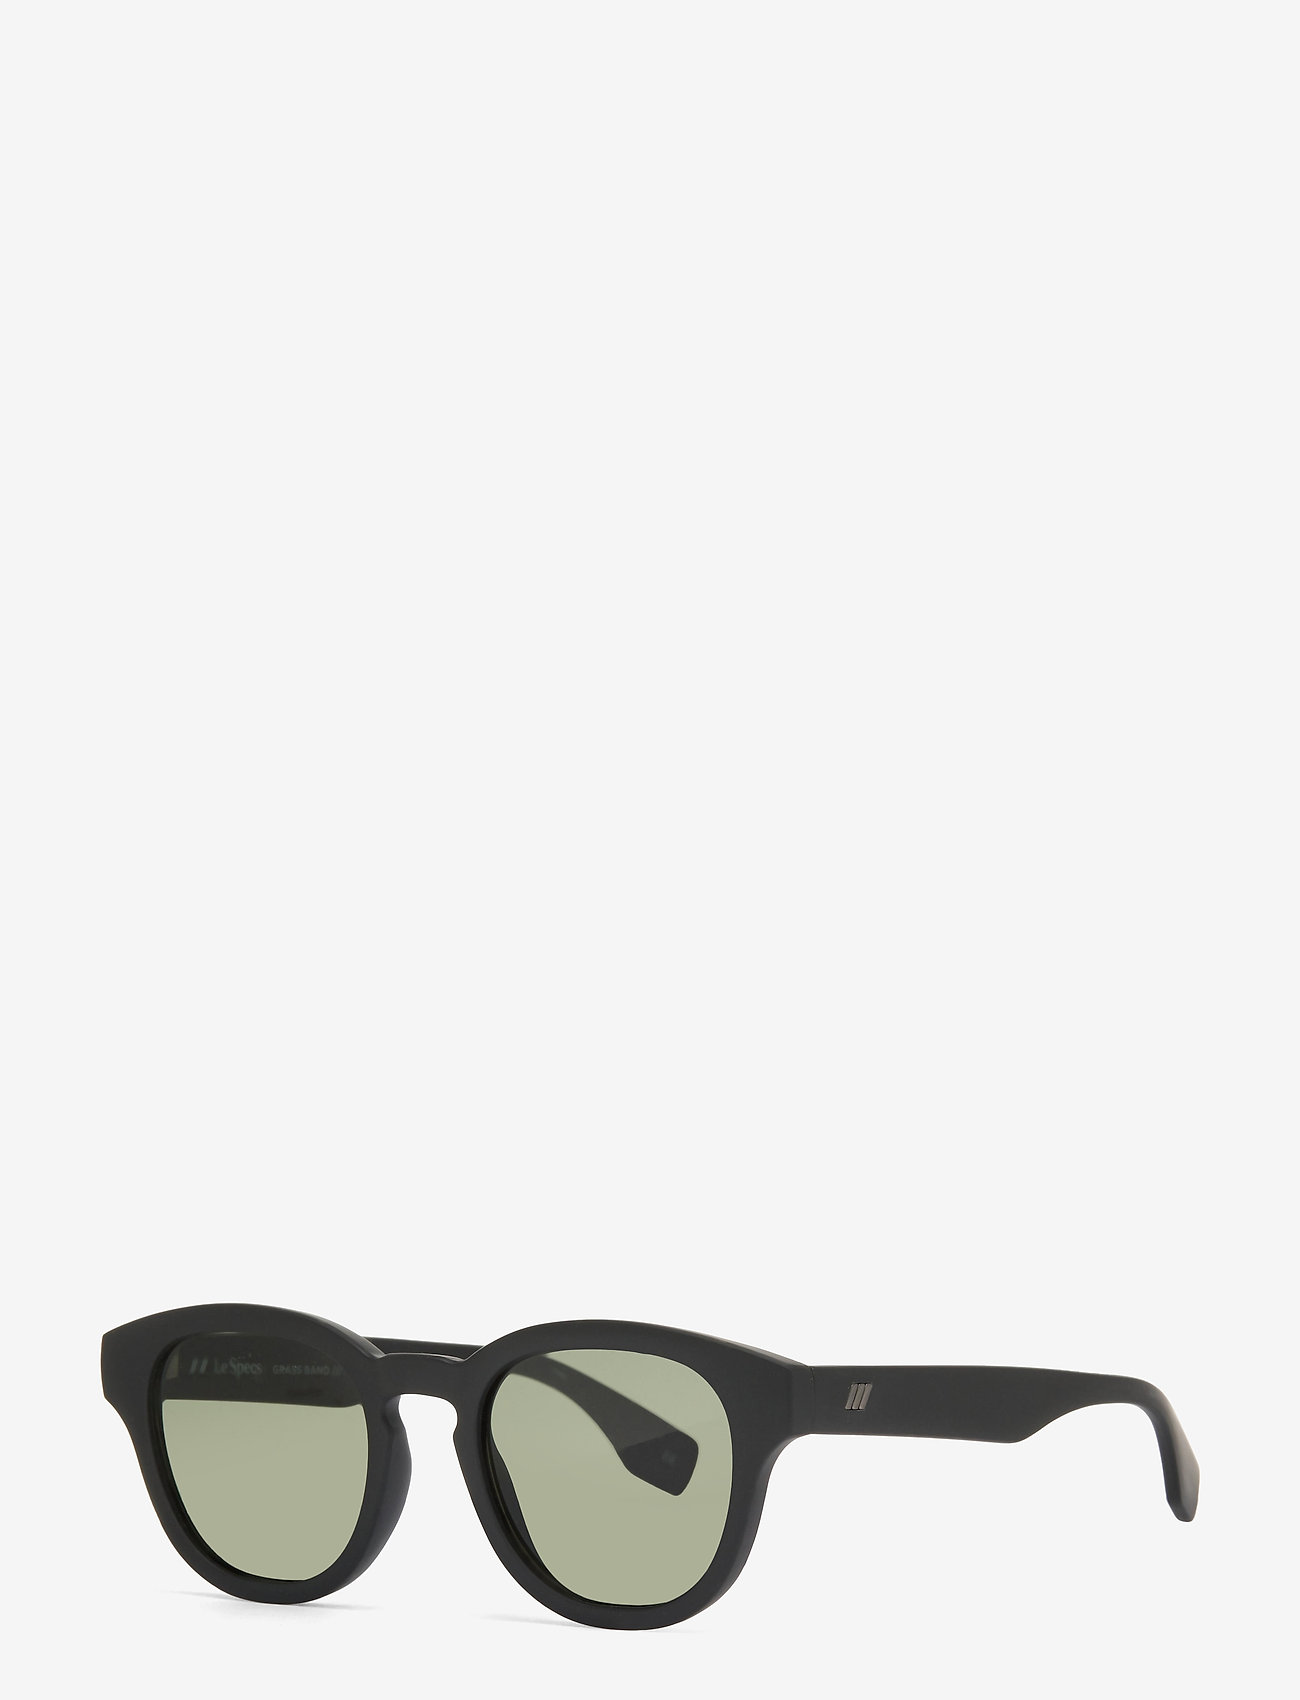 Le Specs - LE SUSTAIN - GRASS BAND - ronde zonnebril - black grass w/ khaki mono lens - 1